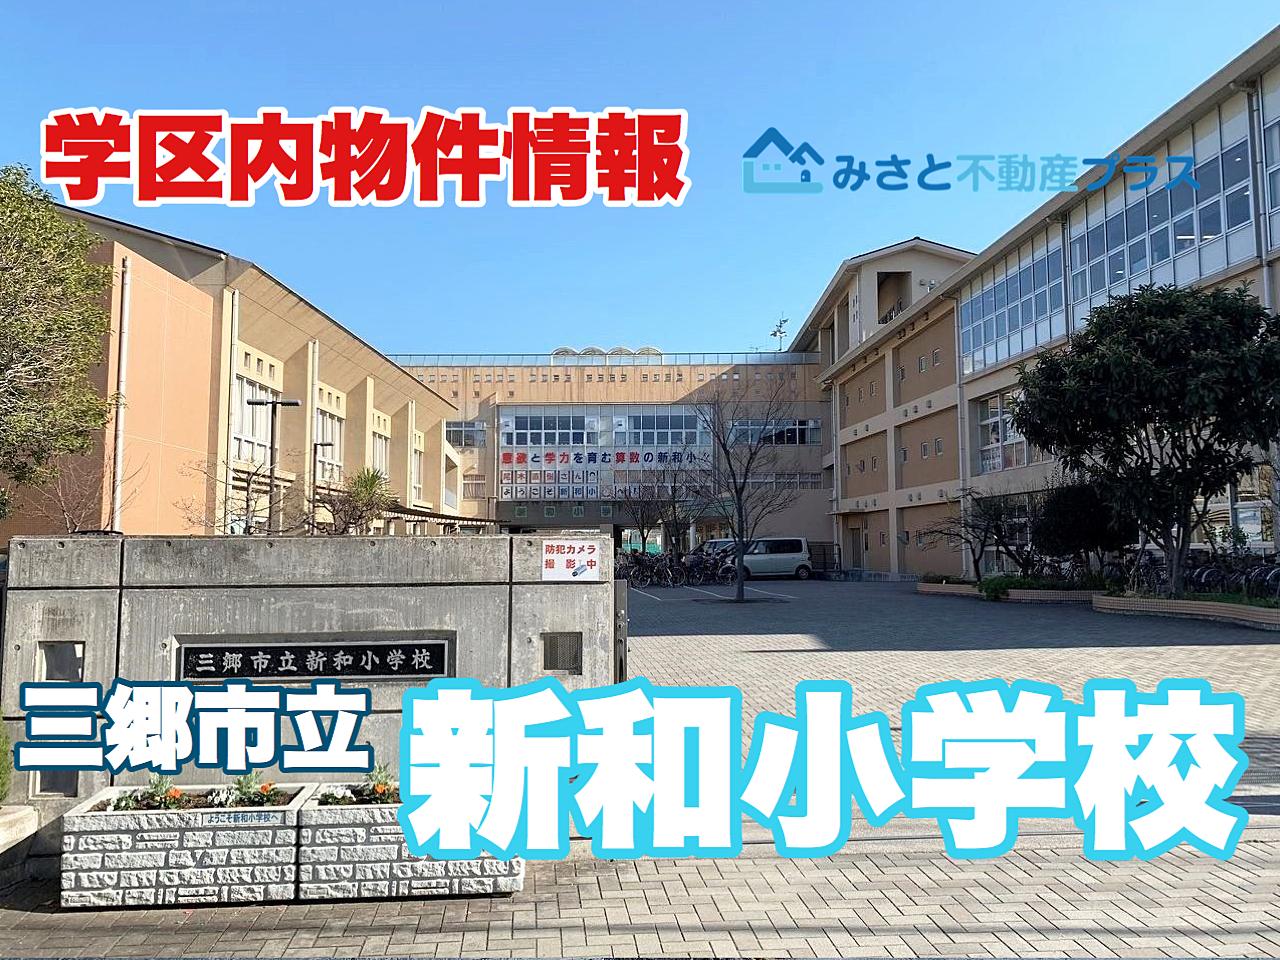 【新和小学校編】三郷市の小学校から物件探し